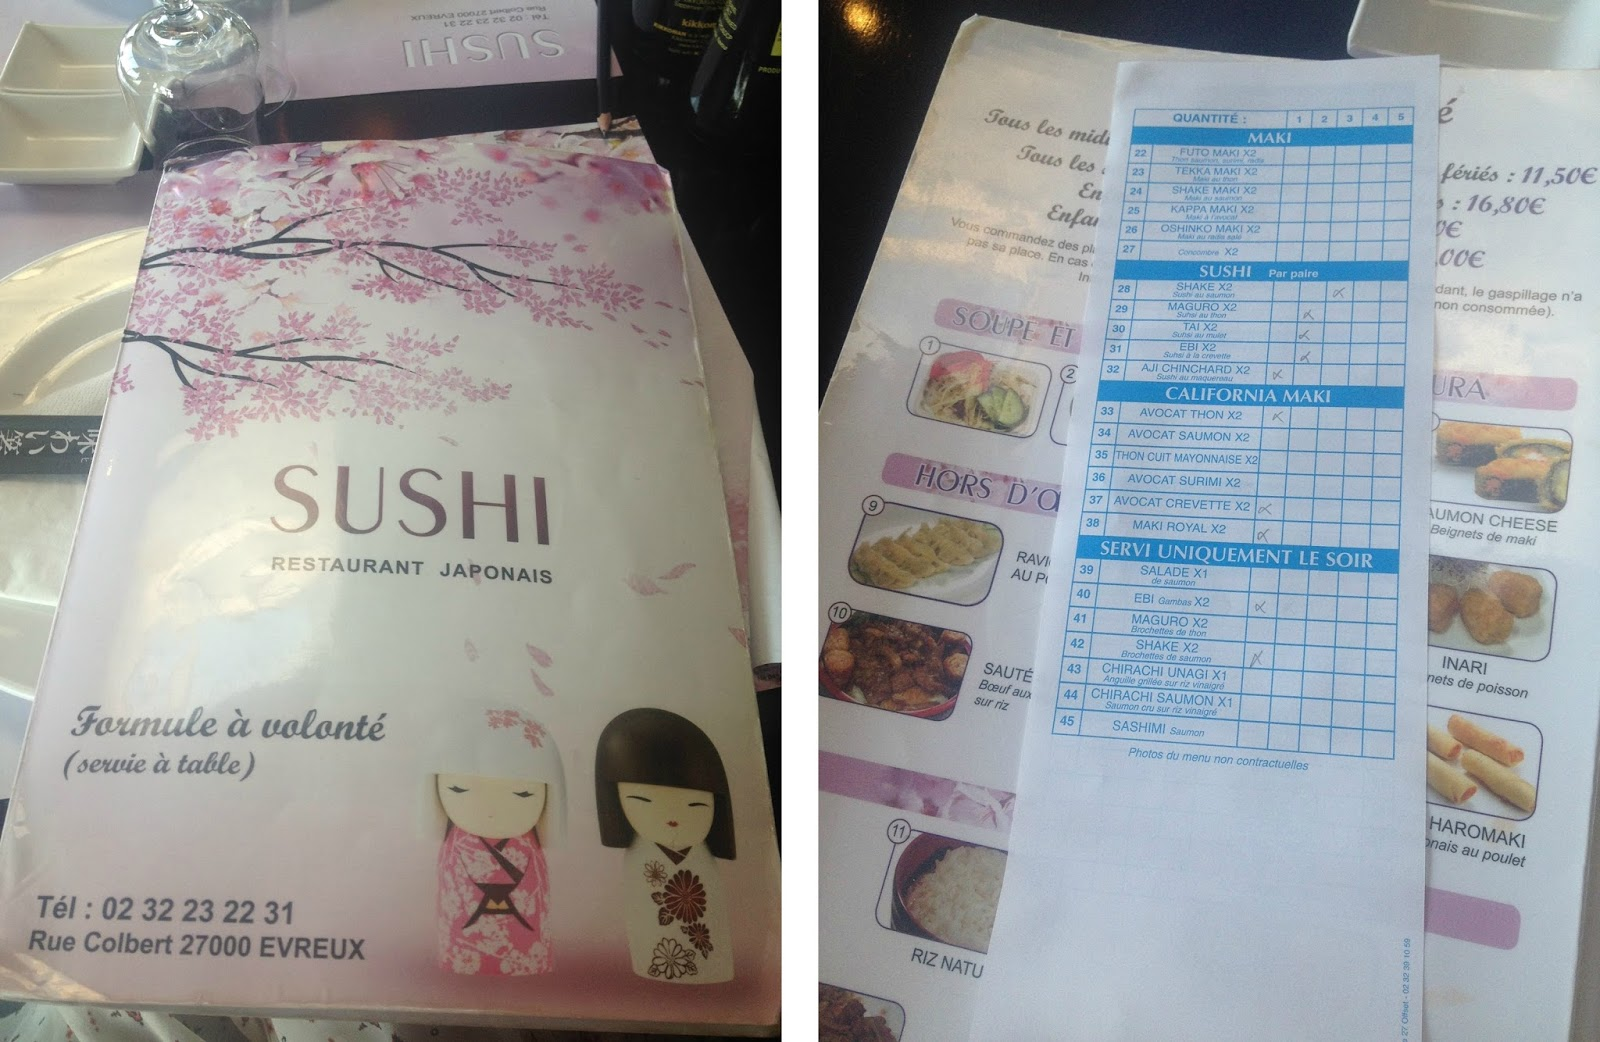 Restaurant Sushi à Evreux